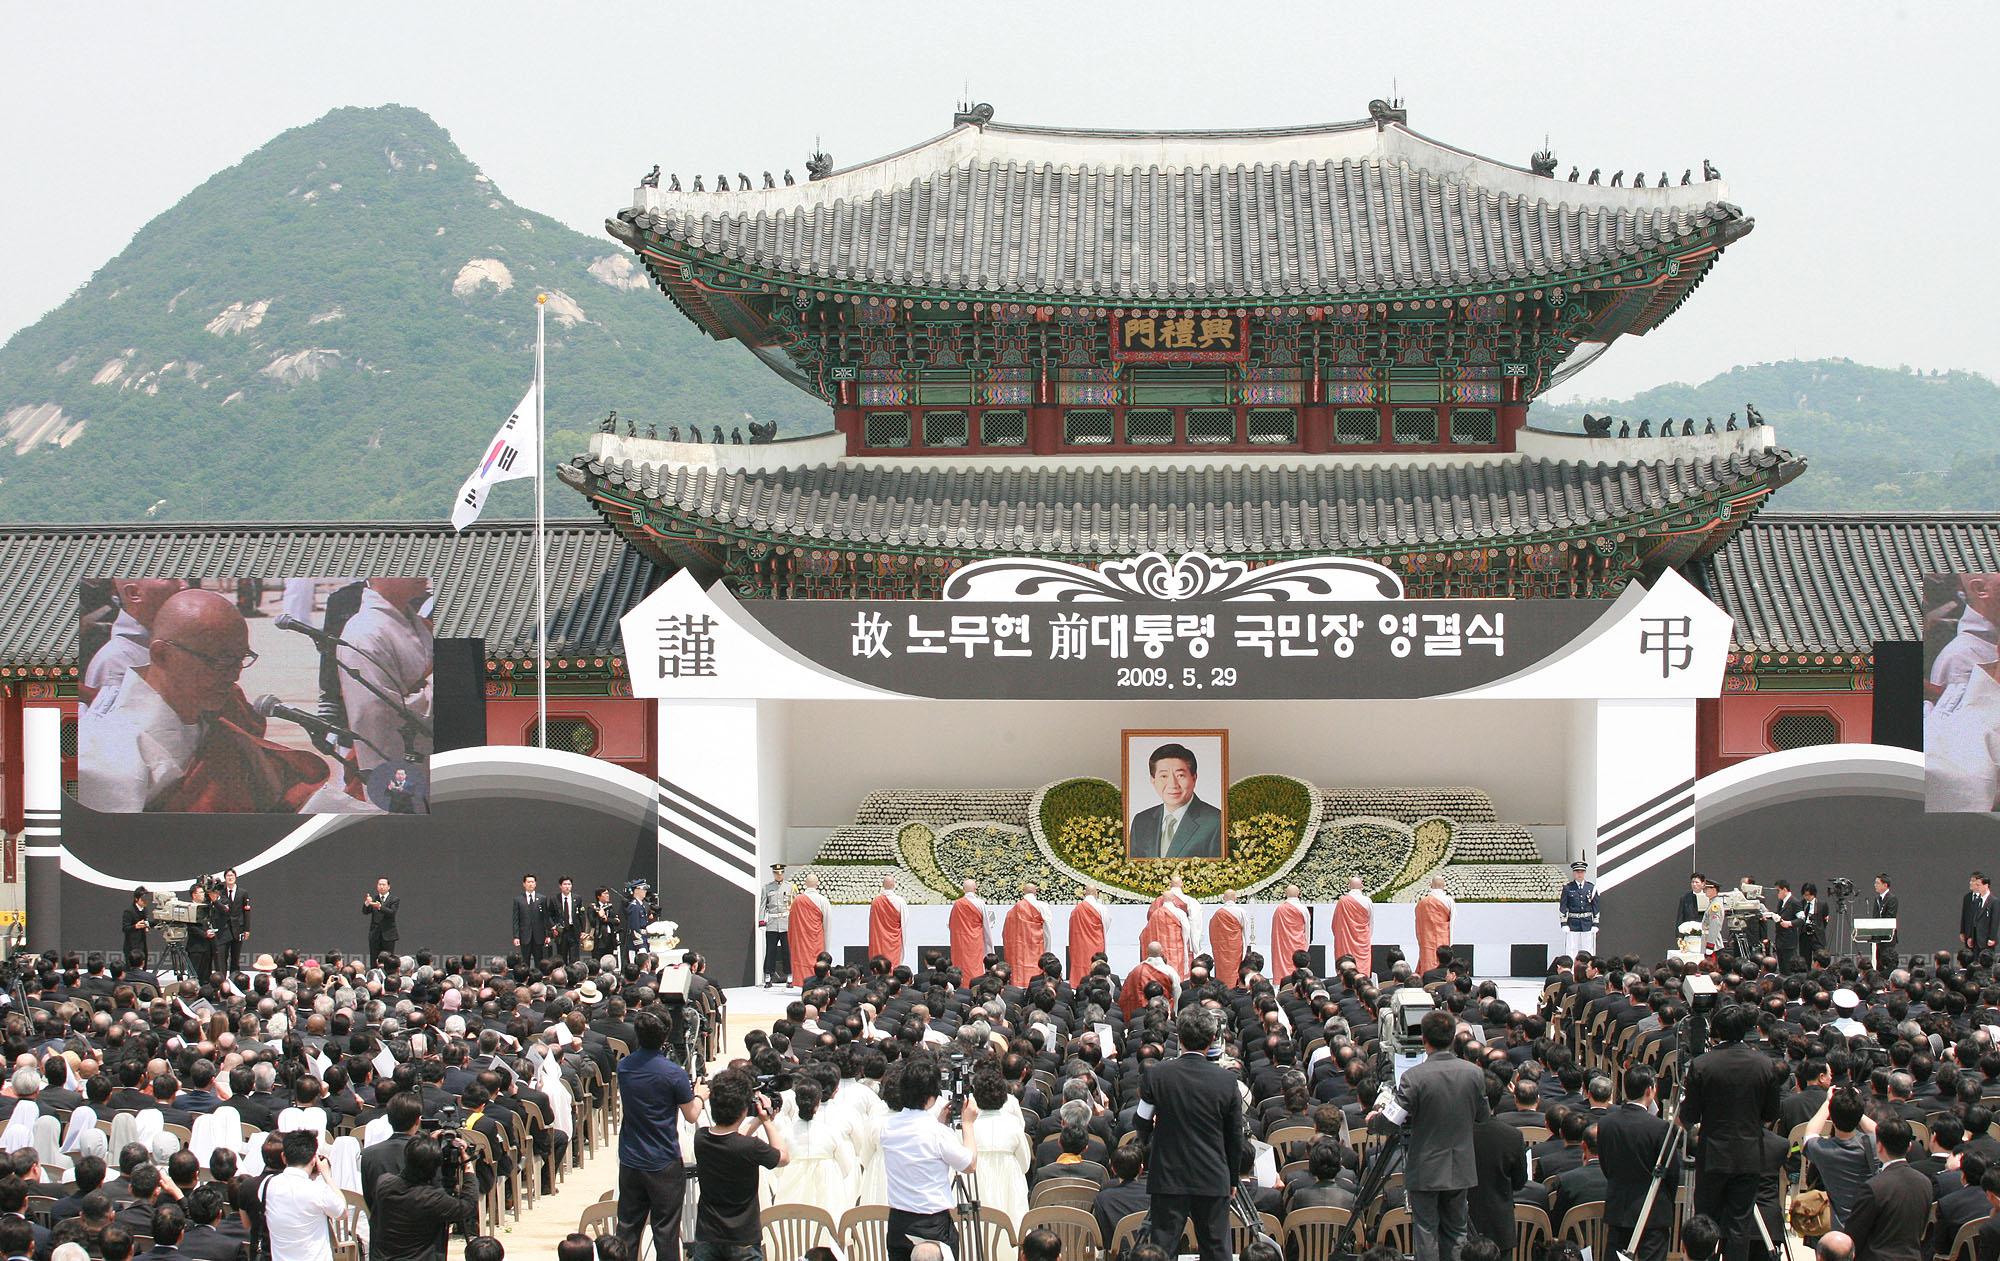 노무현 전 대통령의 영결식을 집전하는 명진스님.